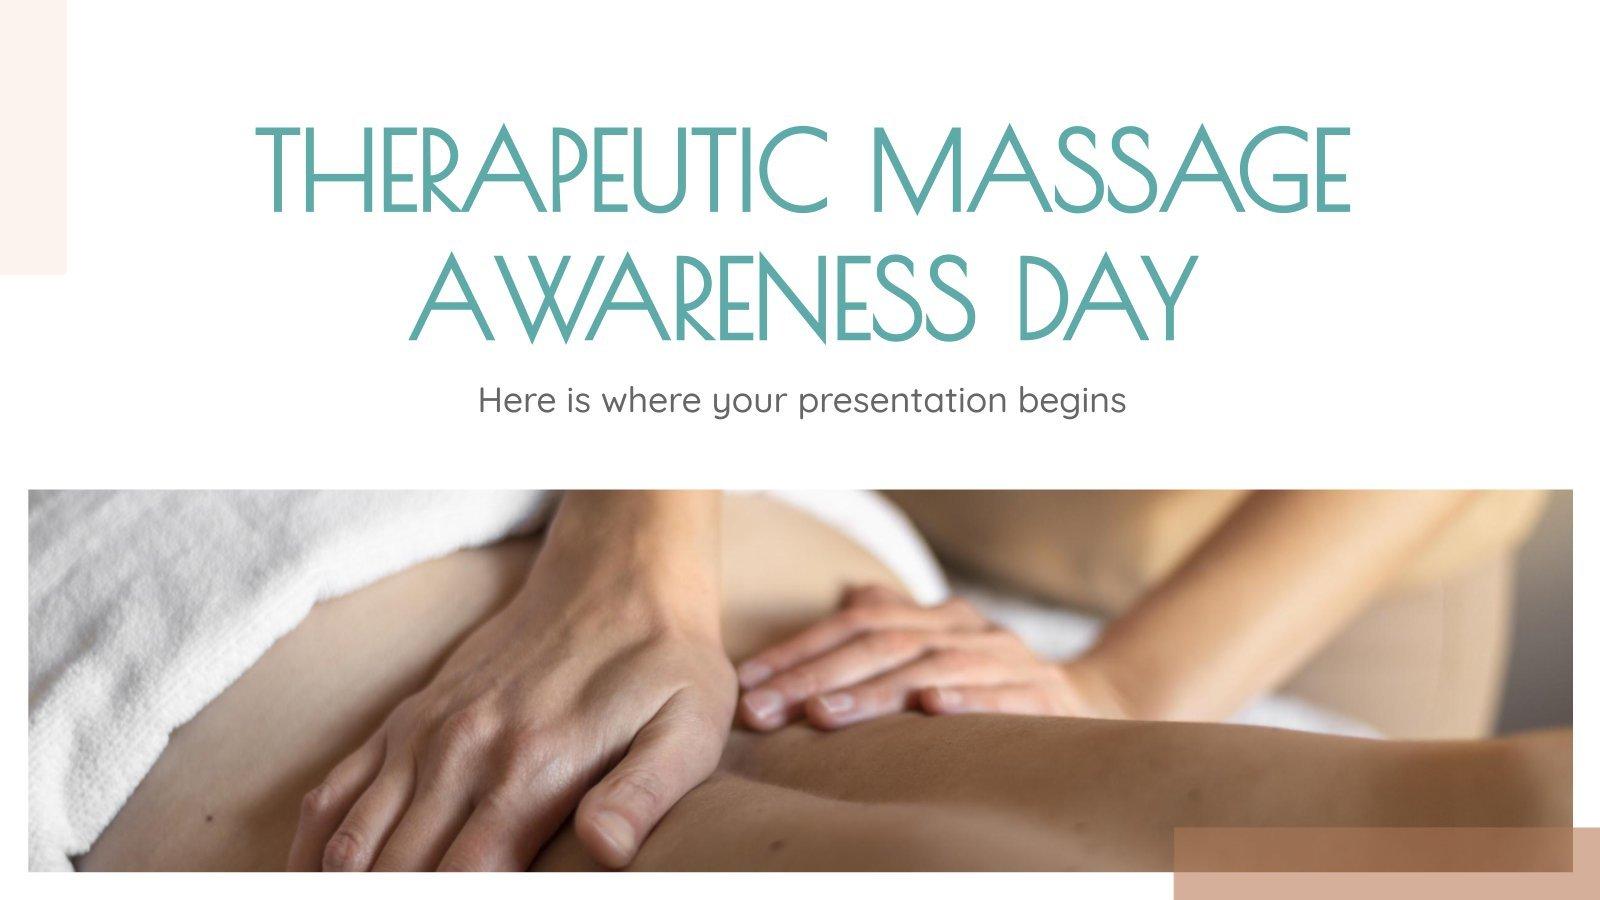 Plantilla de presentación Día del Masaje Terapéutico